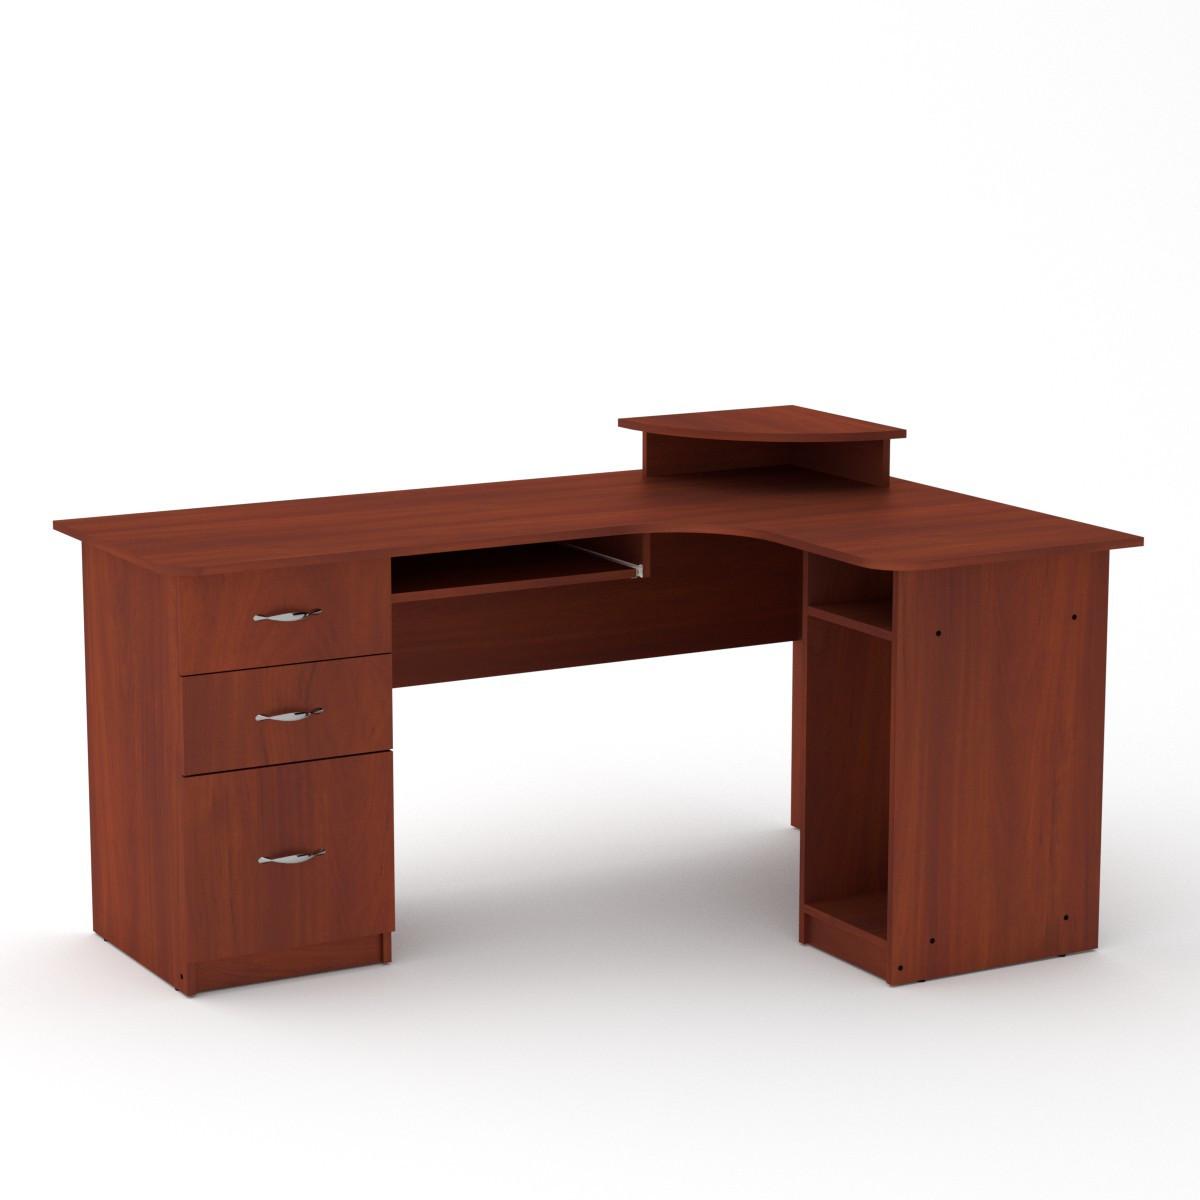 Компьютерный стол угловой с 4 ящиками из ДСП